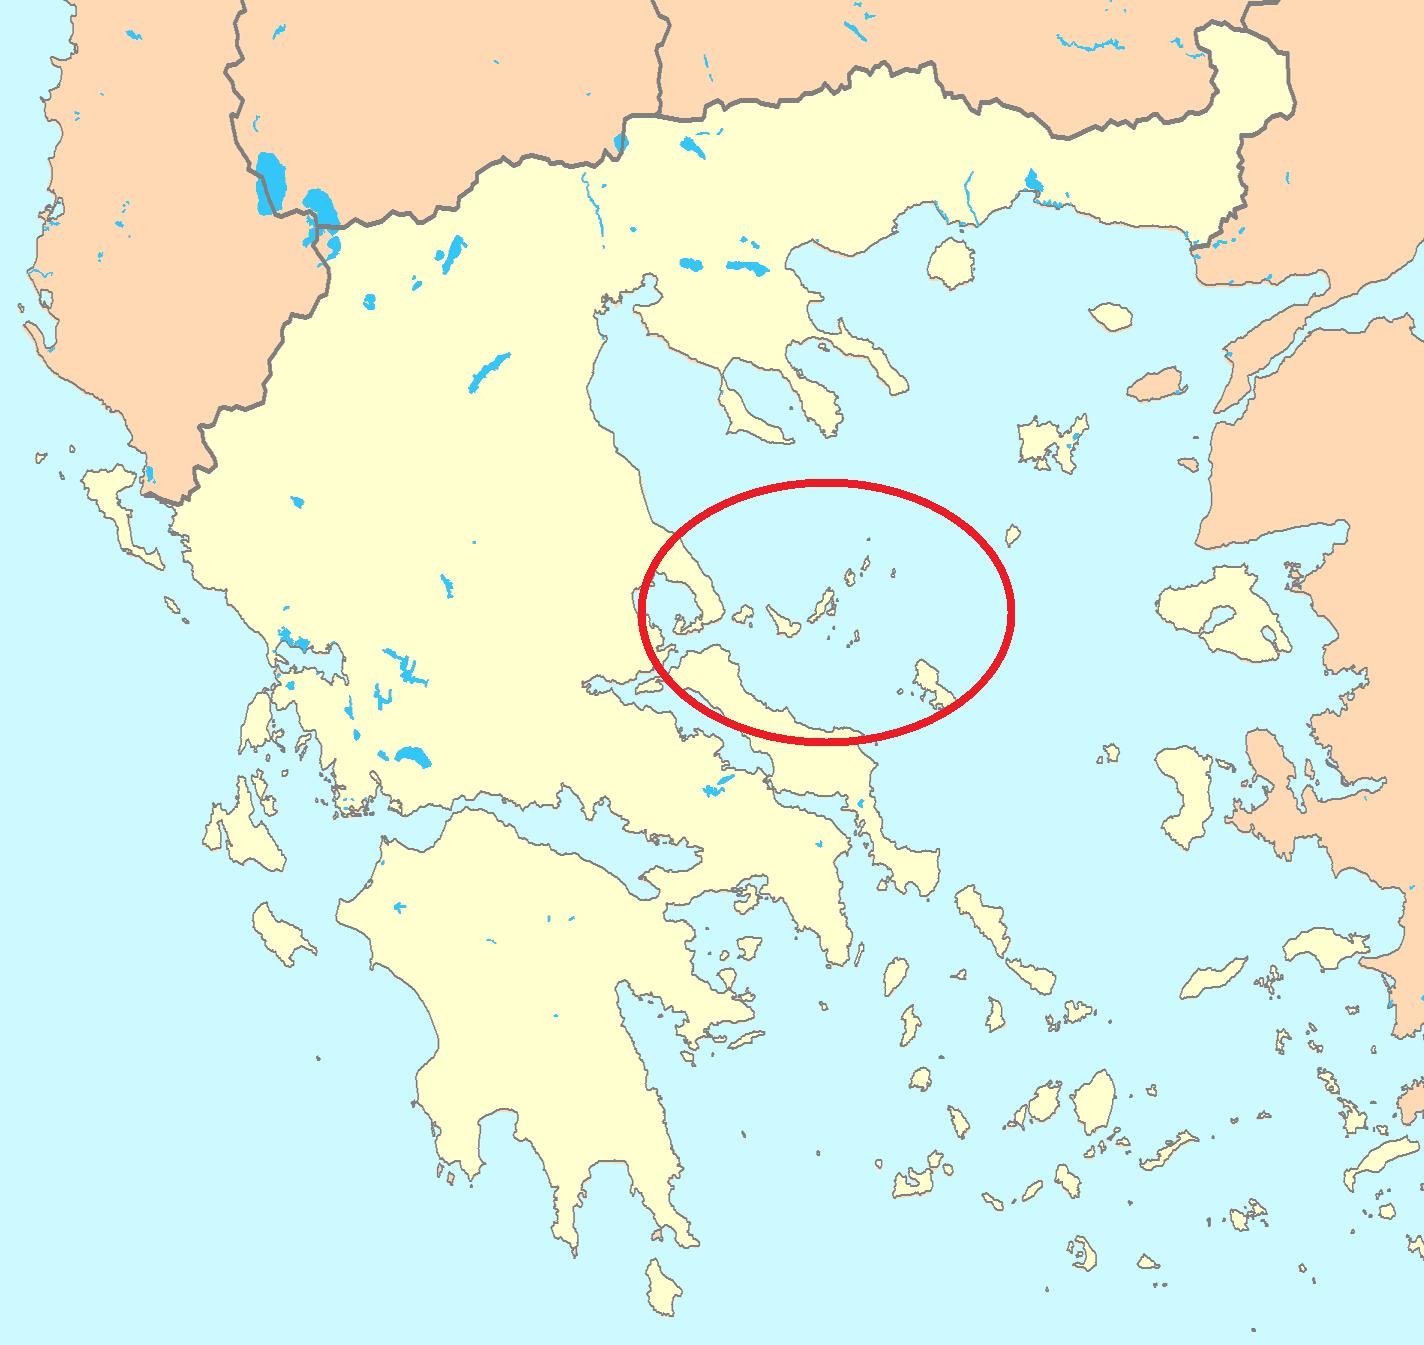 Споради-карта